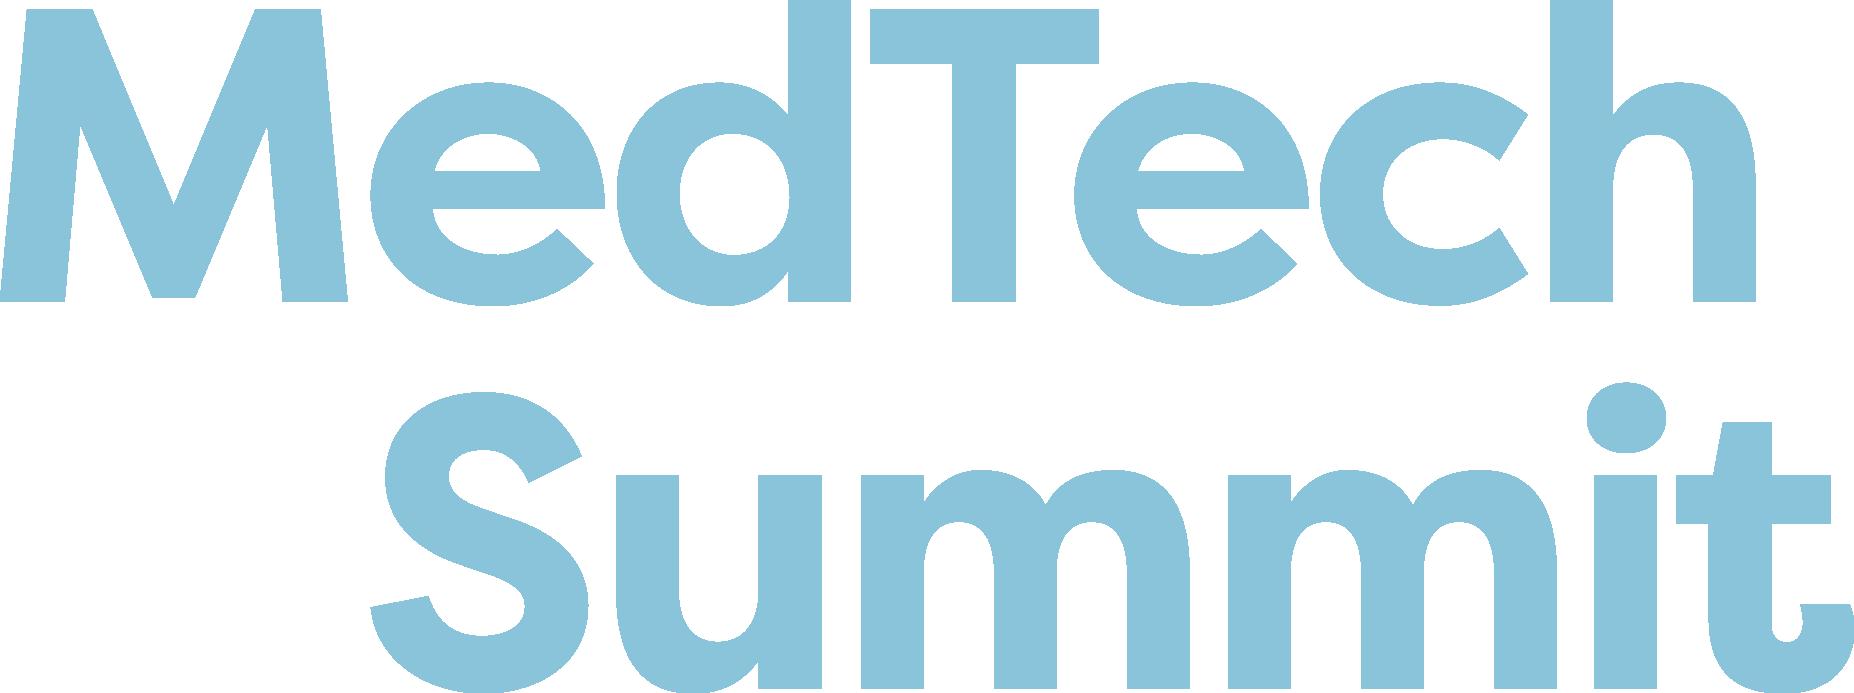 Robert Abbott - Stryker, The Netherlands | MedTech Summit